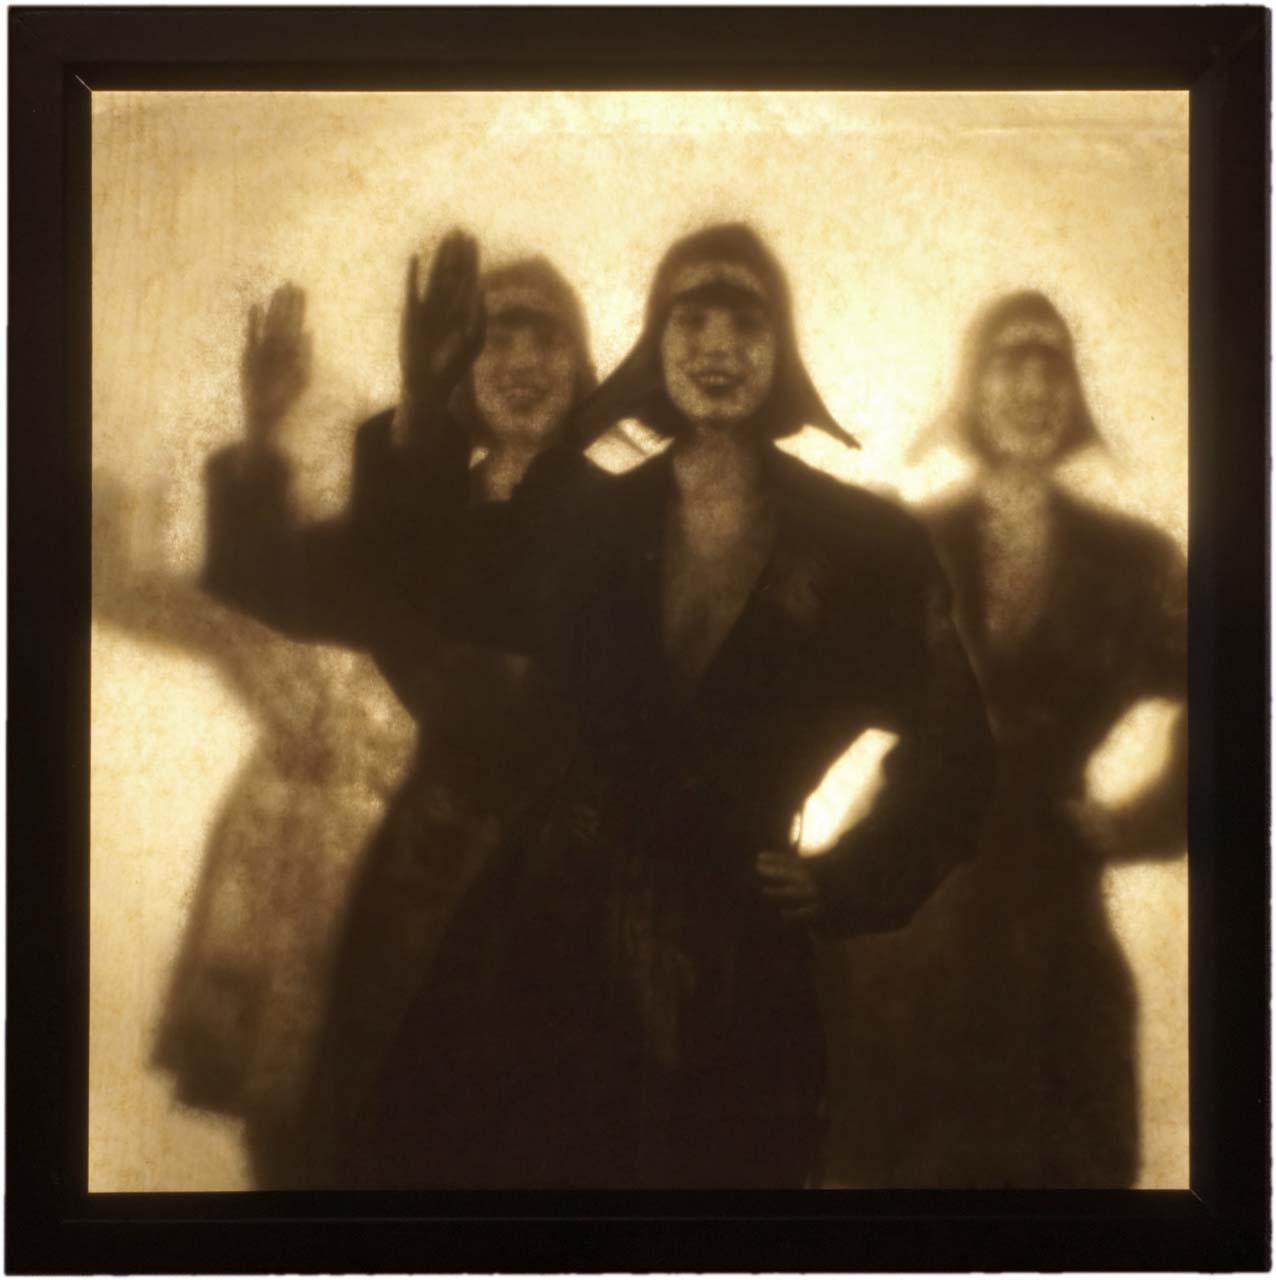 Image: André Werner, Die Brigade der winkenden Mädchen